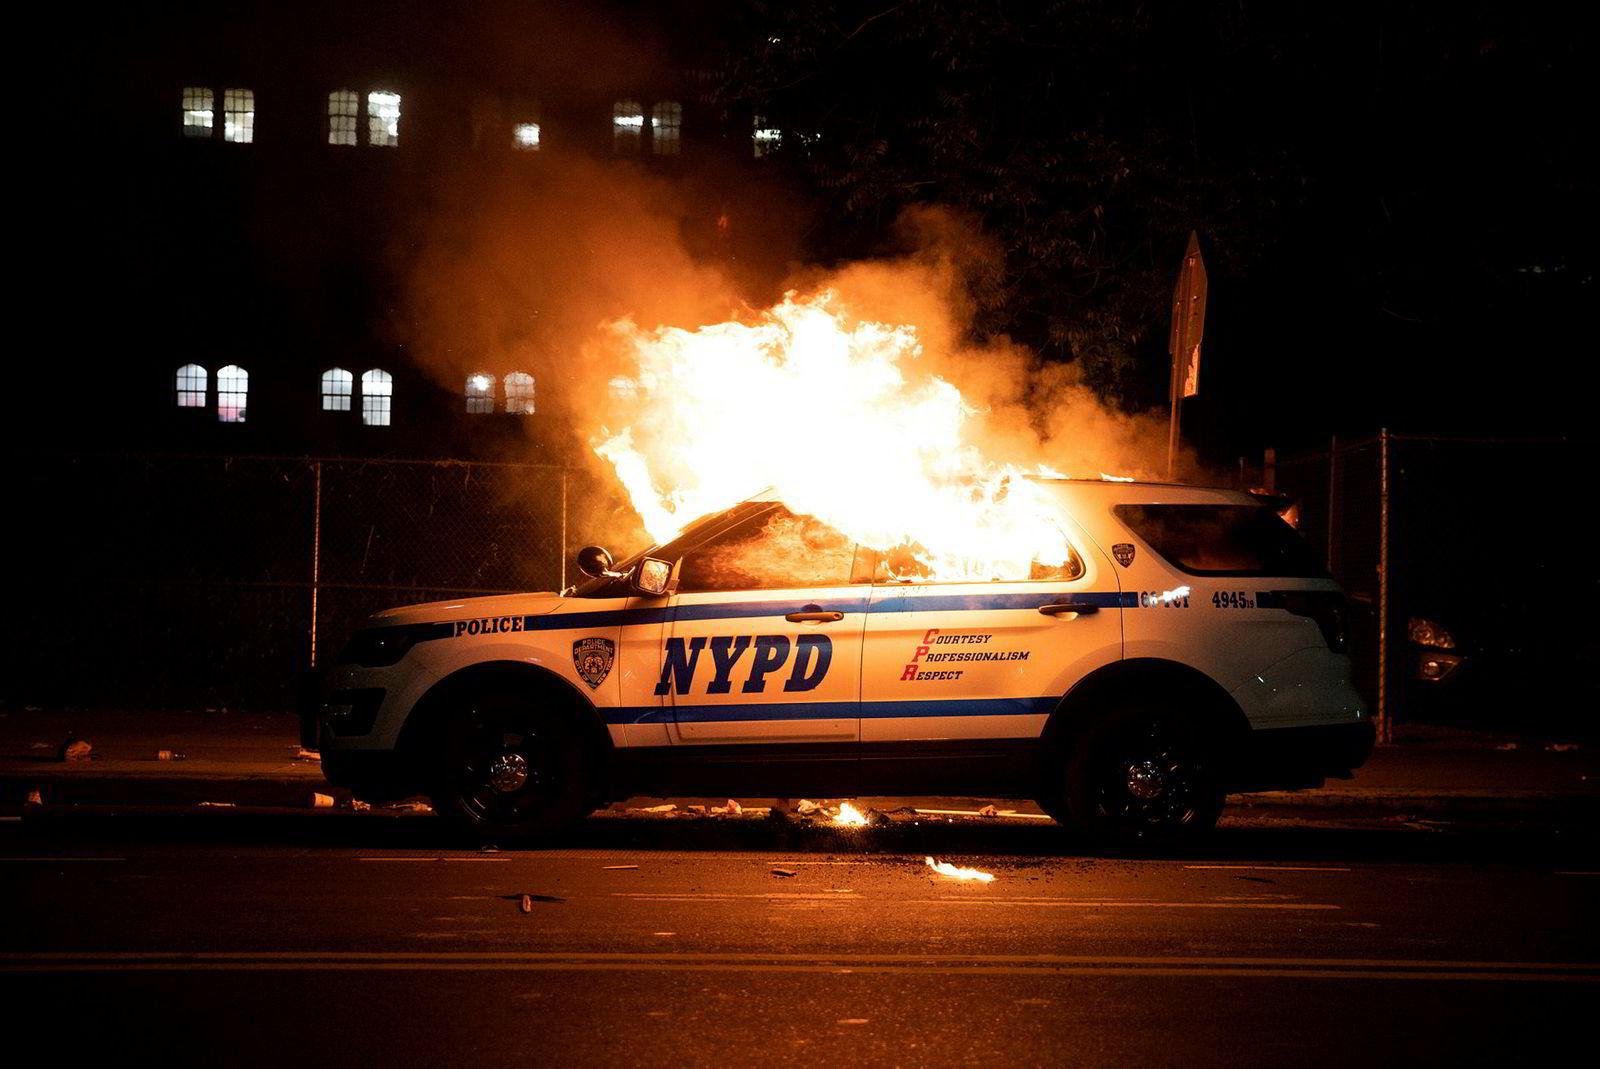 En politibil i New York sto i flammer etter demonstrasjoner i byen lørdag kveld.